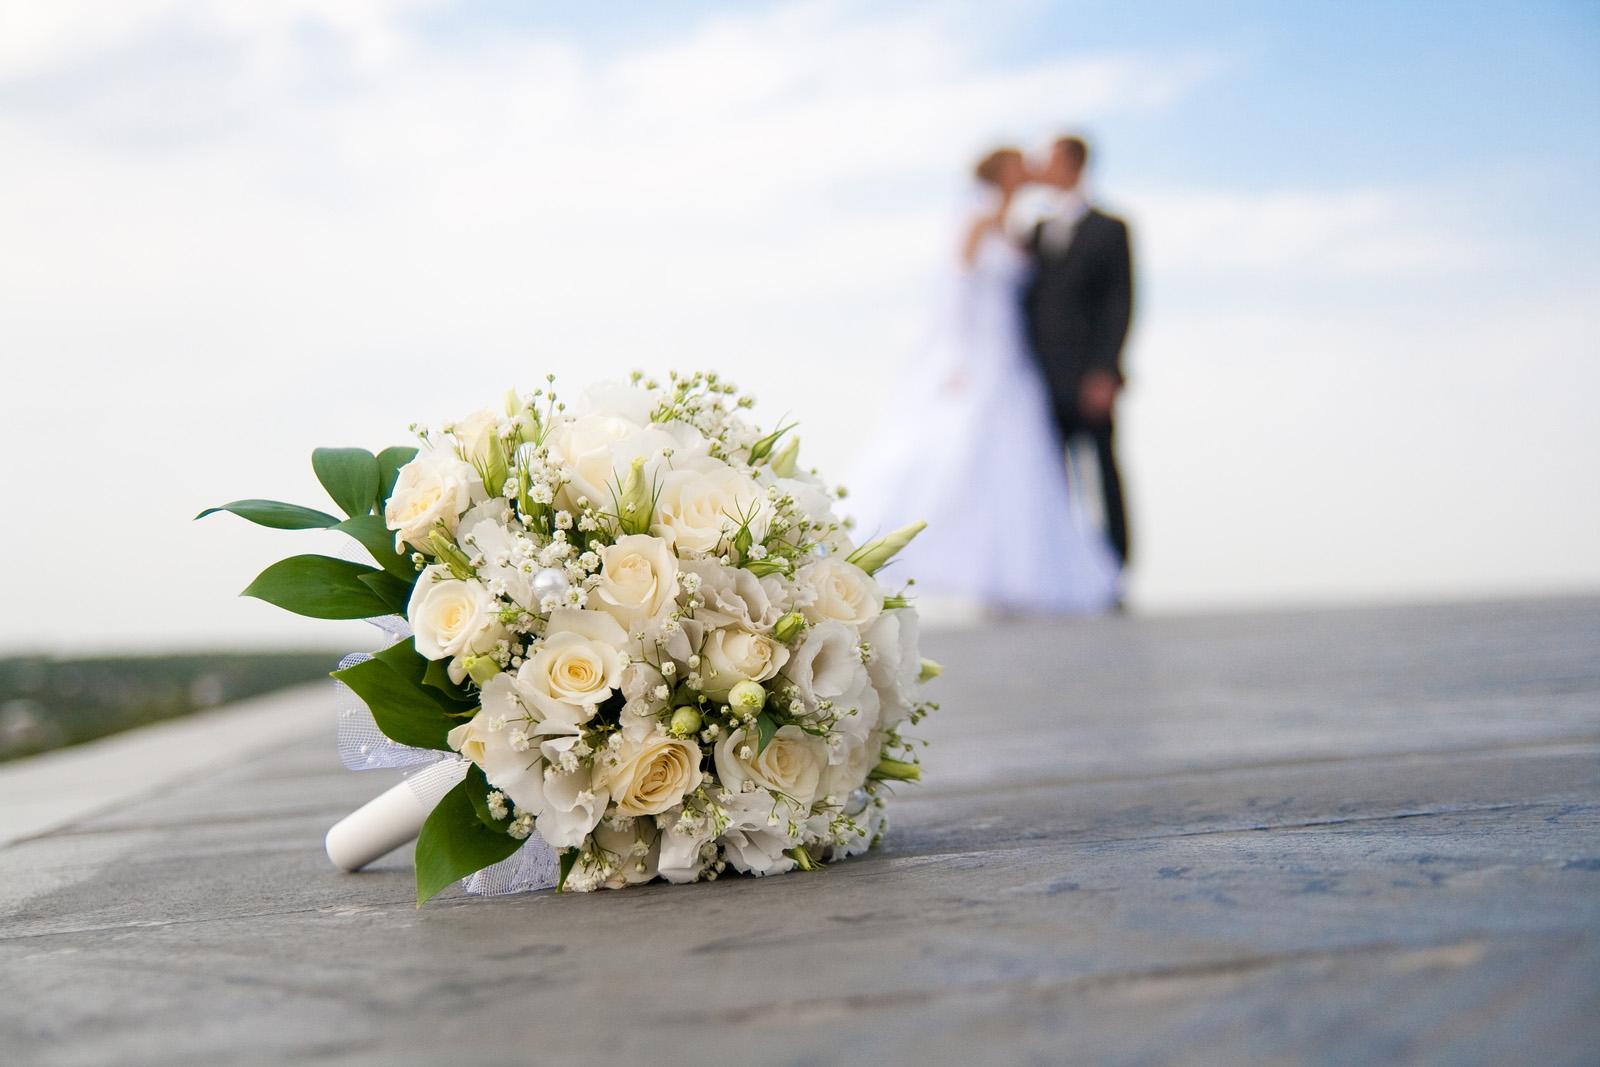 晩婚化が進む日本!日本人が結婚する平均年齢についてまとめました!のサムネイル画像